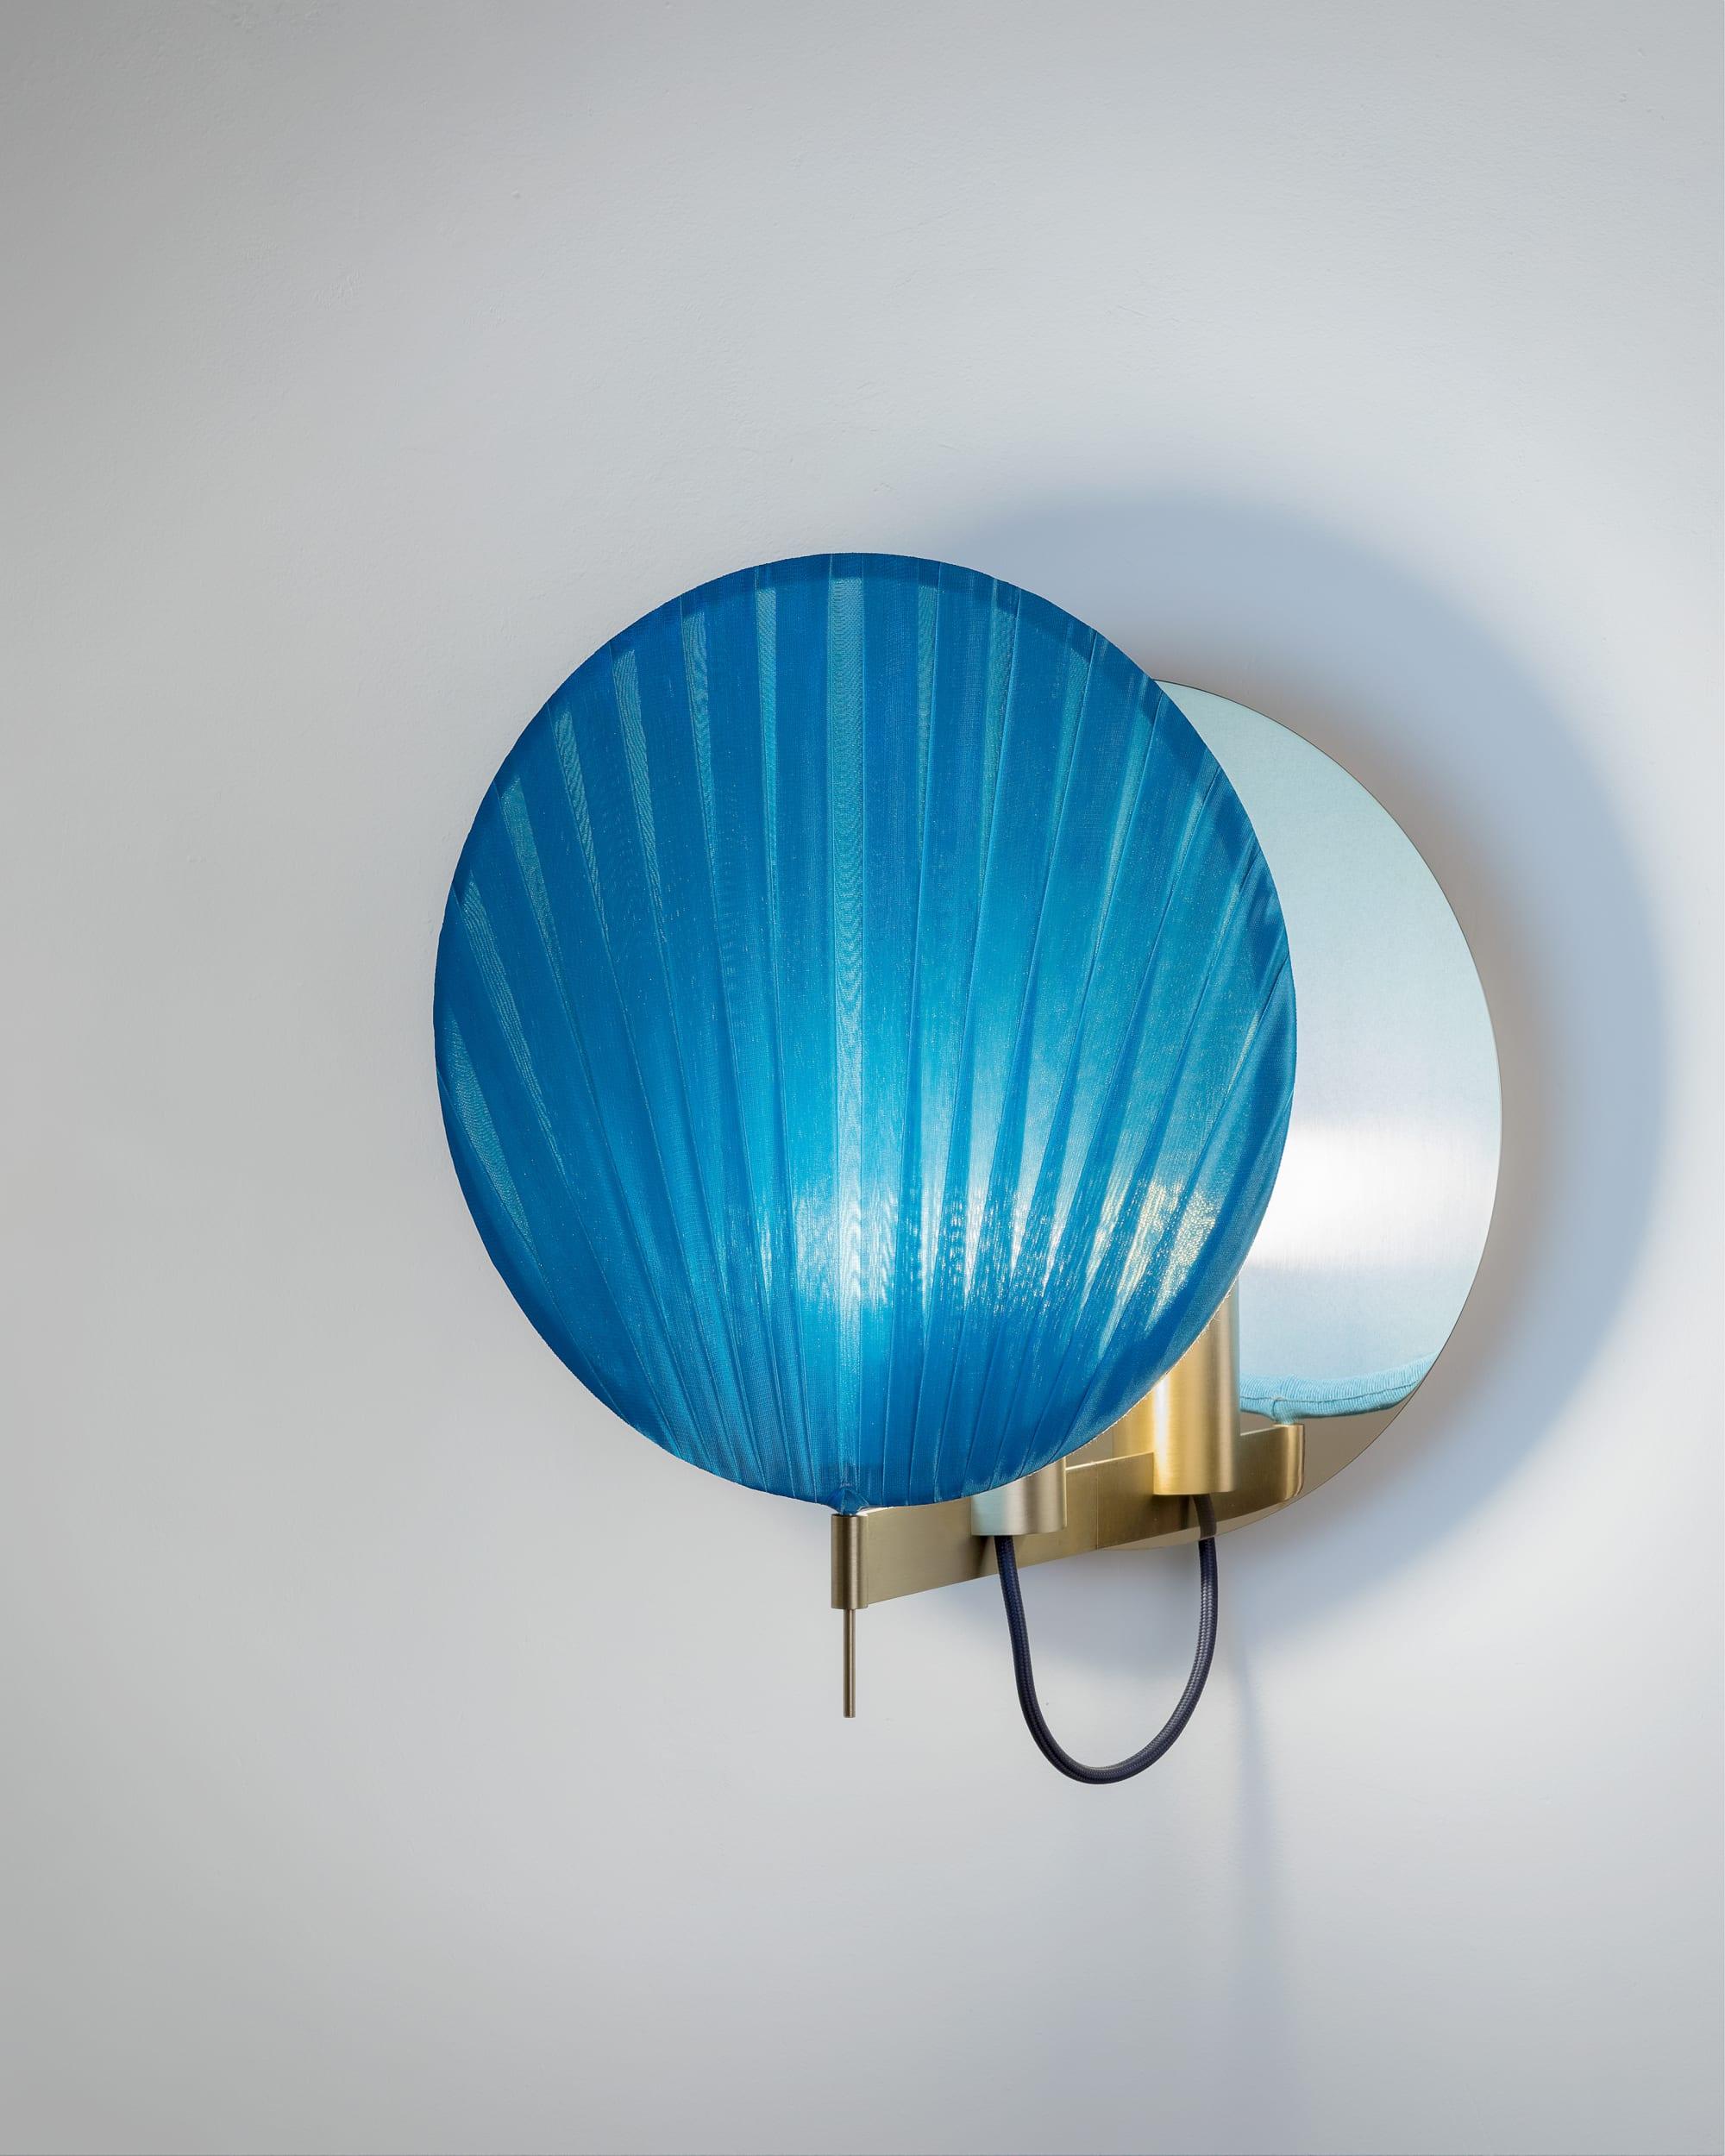 Lamps by SERVOMUTO seen at Ristorante Olmetto, Milano - Guinea Wall